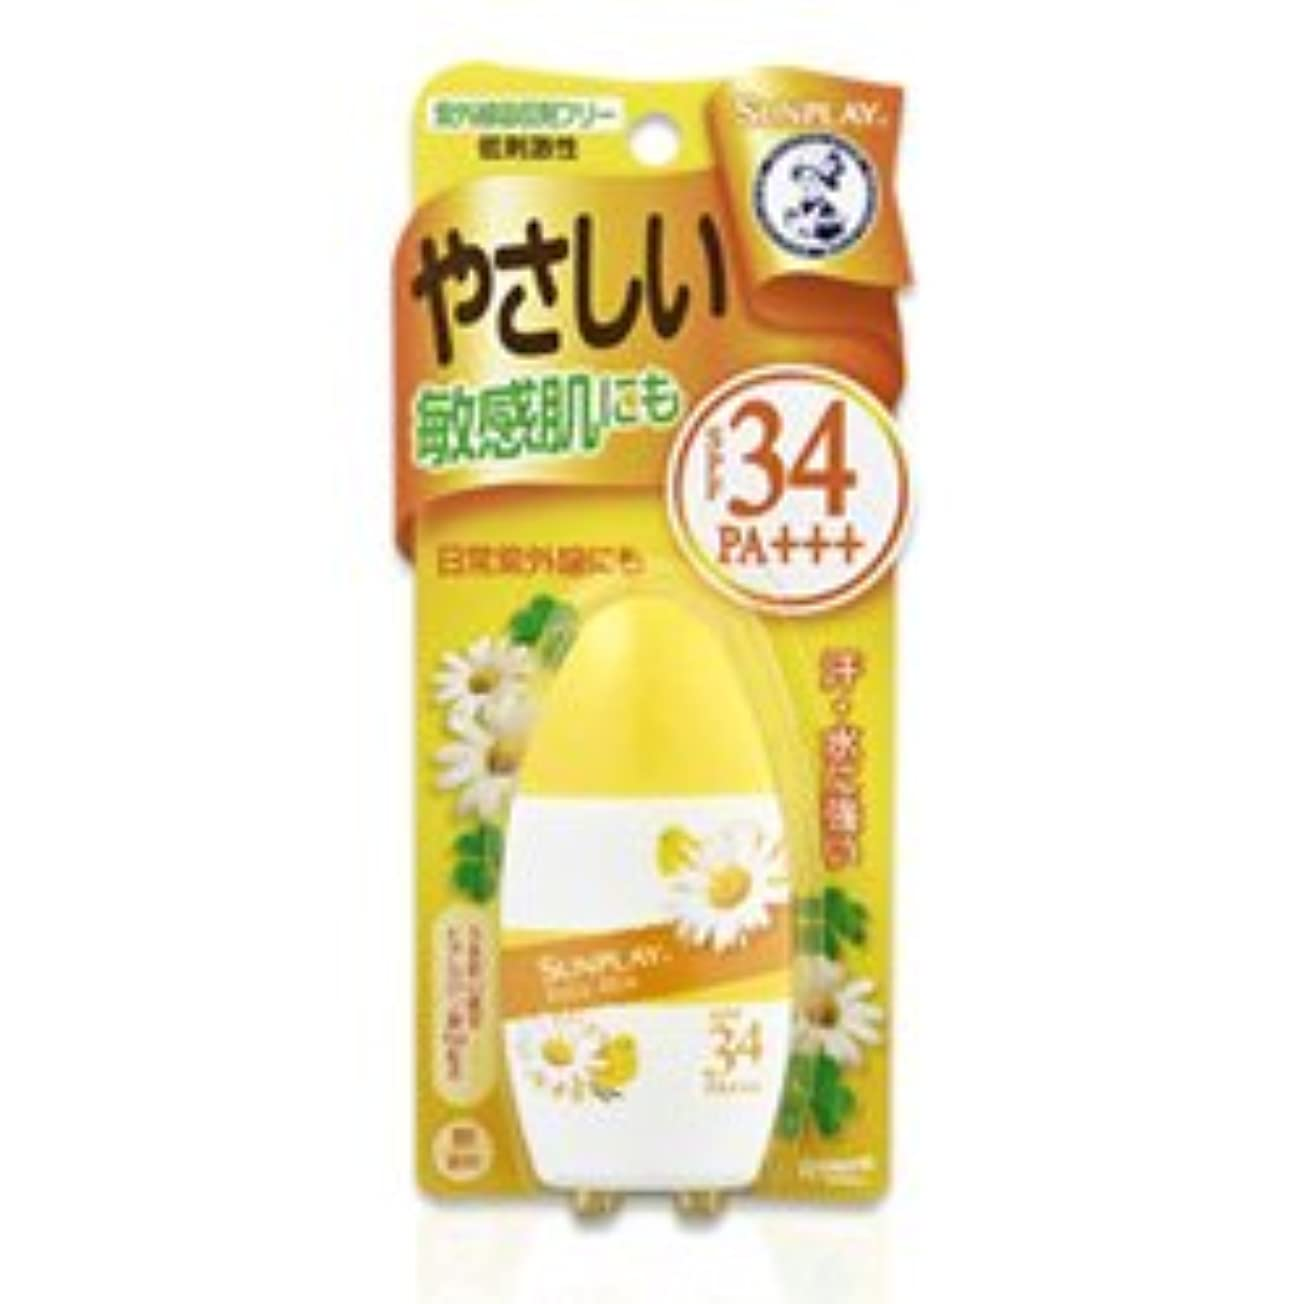 レッスン肉の鼻【ロート製薬】メンソレータム サンプレイ ベビーミルク 30g ×5個セット